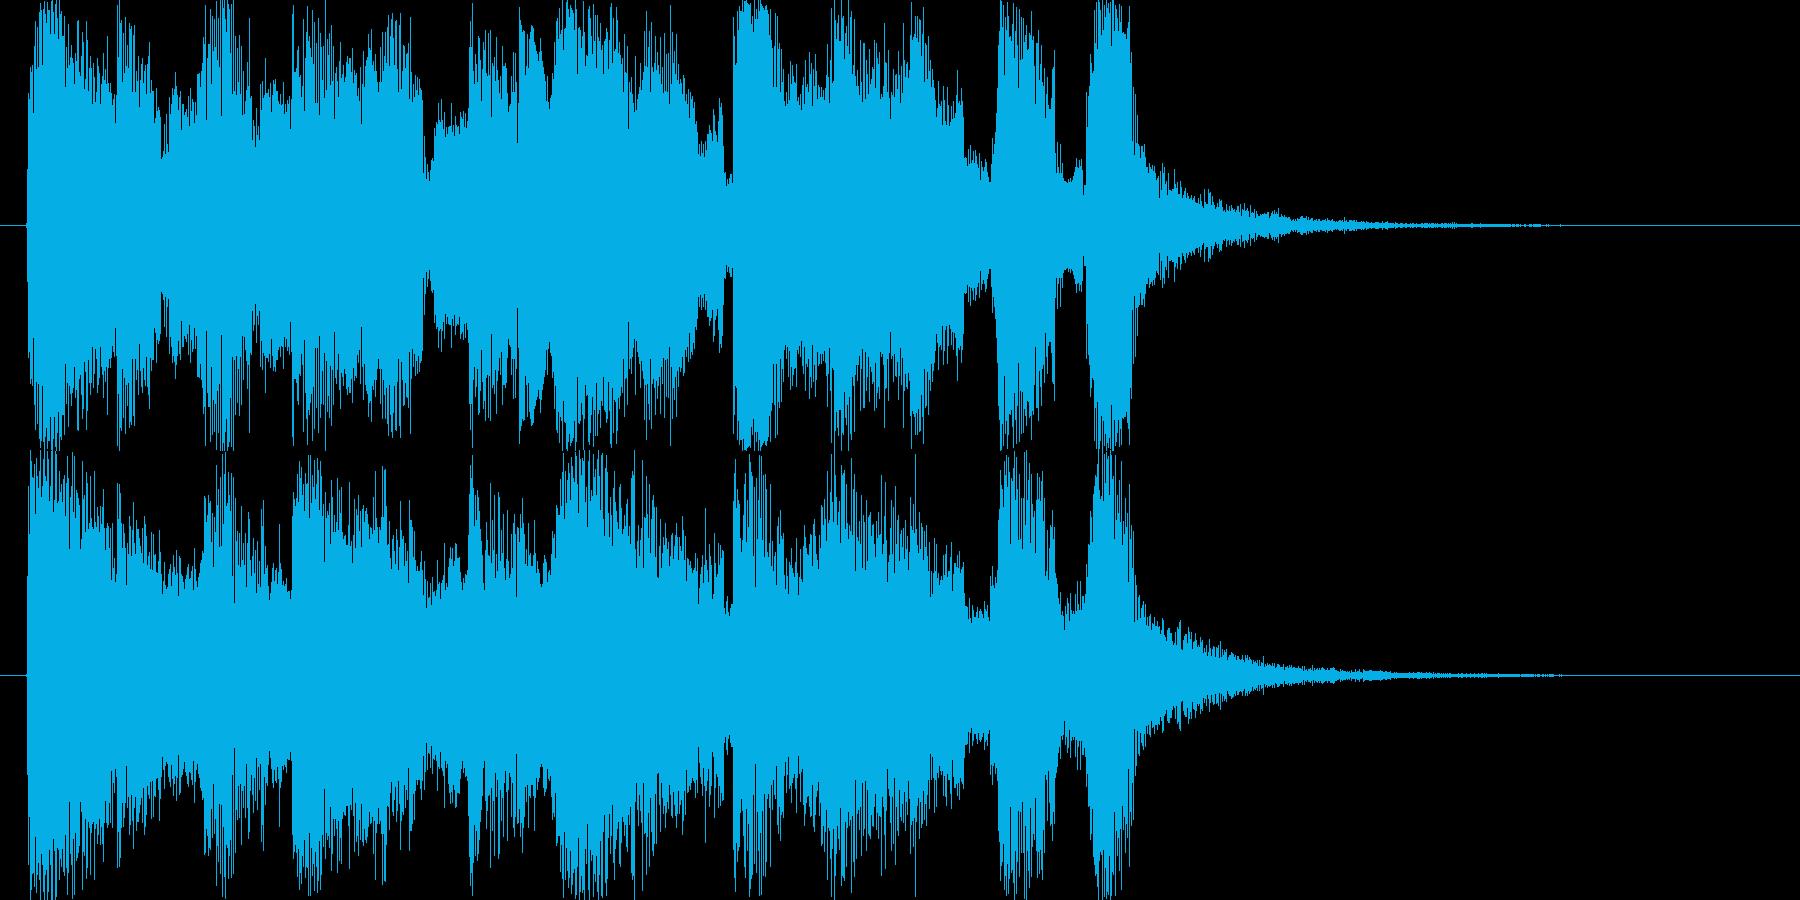 メリーゴーランド風サウンドロゴの再生済みの波形